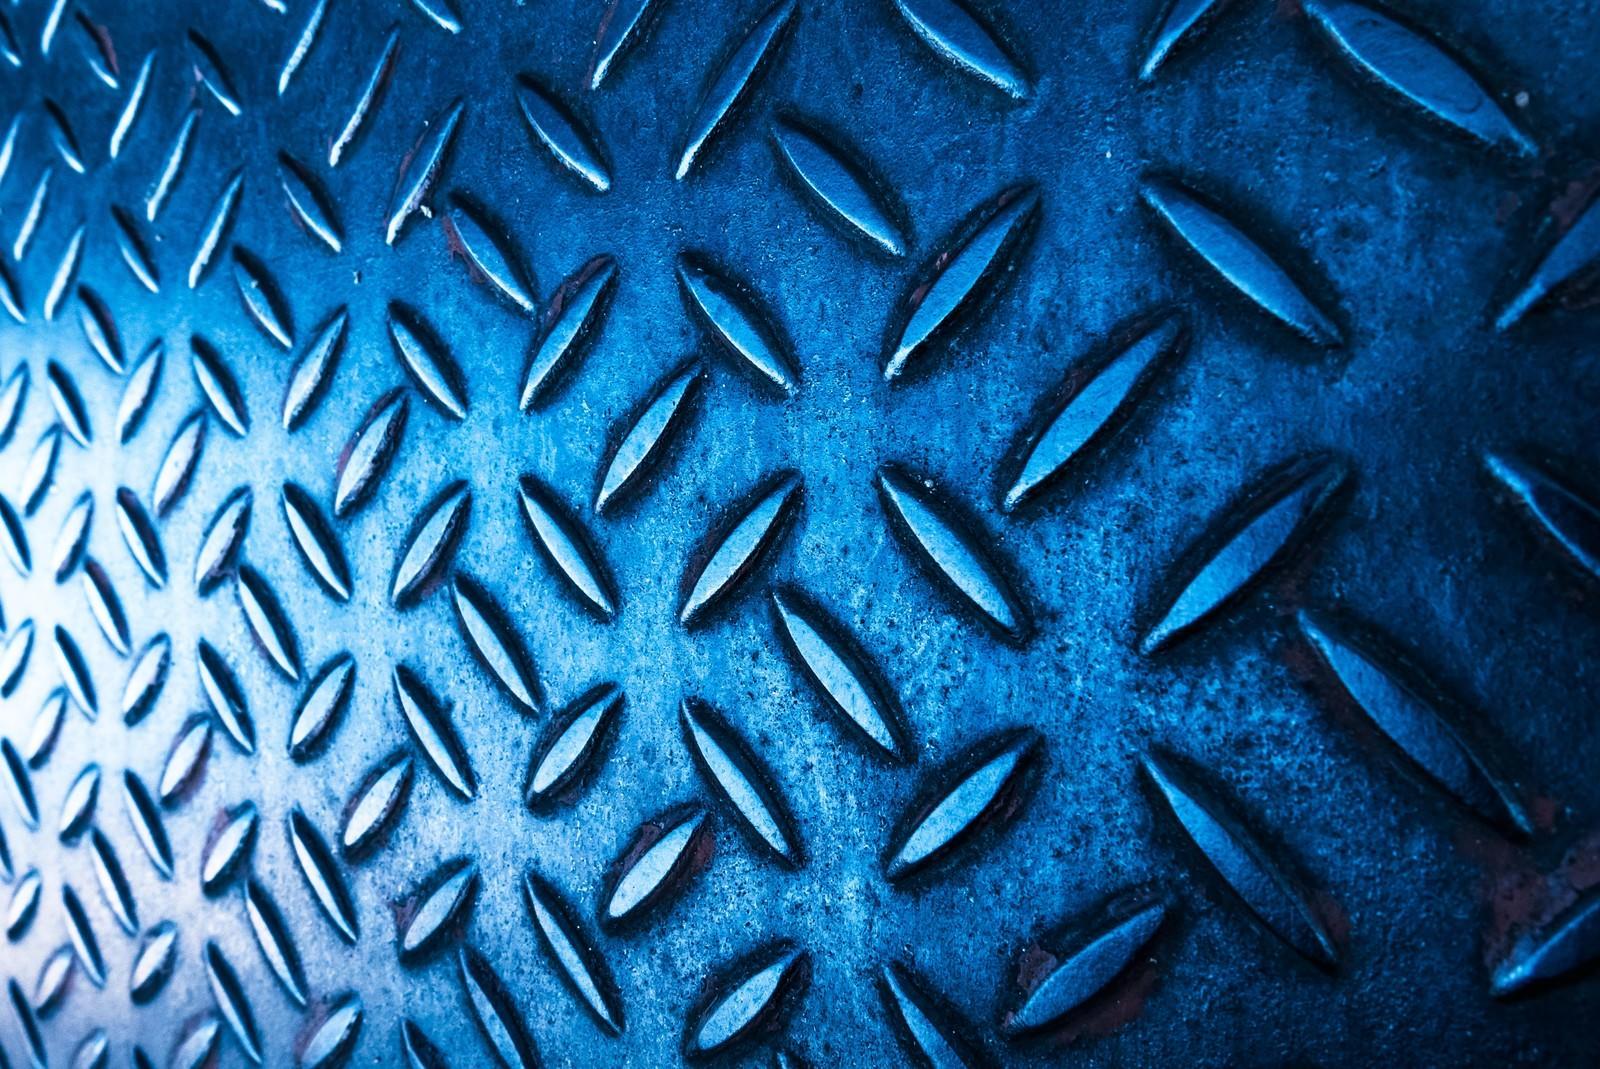 「光が差し込む青い足場光が差し込む青い足場」のフリー写真素材を拡大